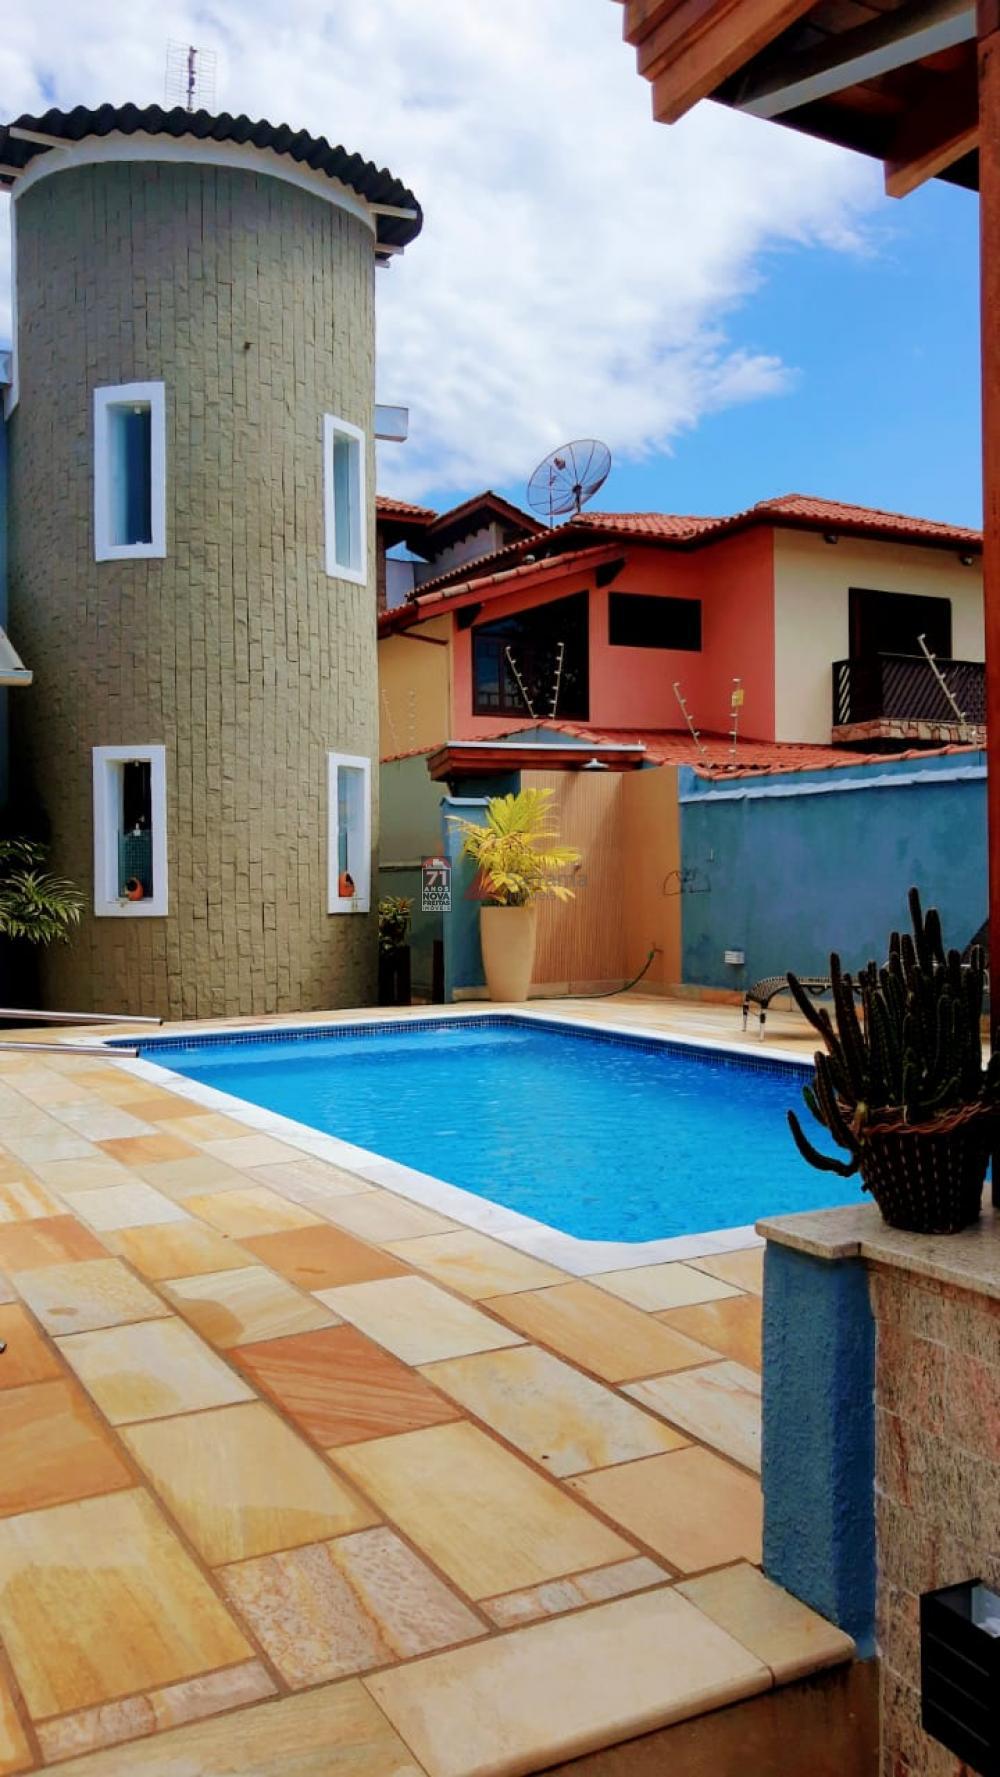 Comprar Casa / Sobrado em Caraguatatuba apenas R$ 1.600.000,00 - Foto 2